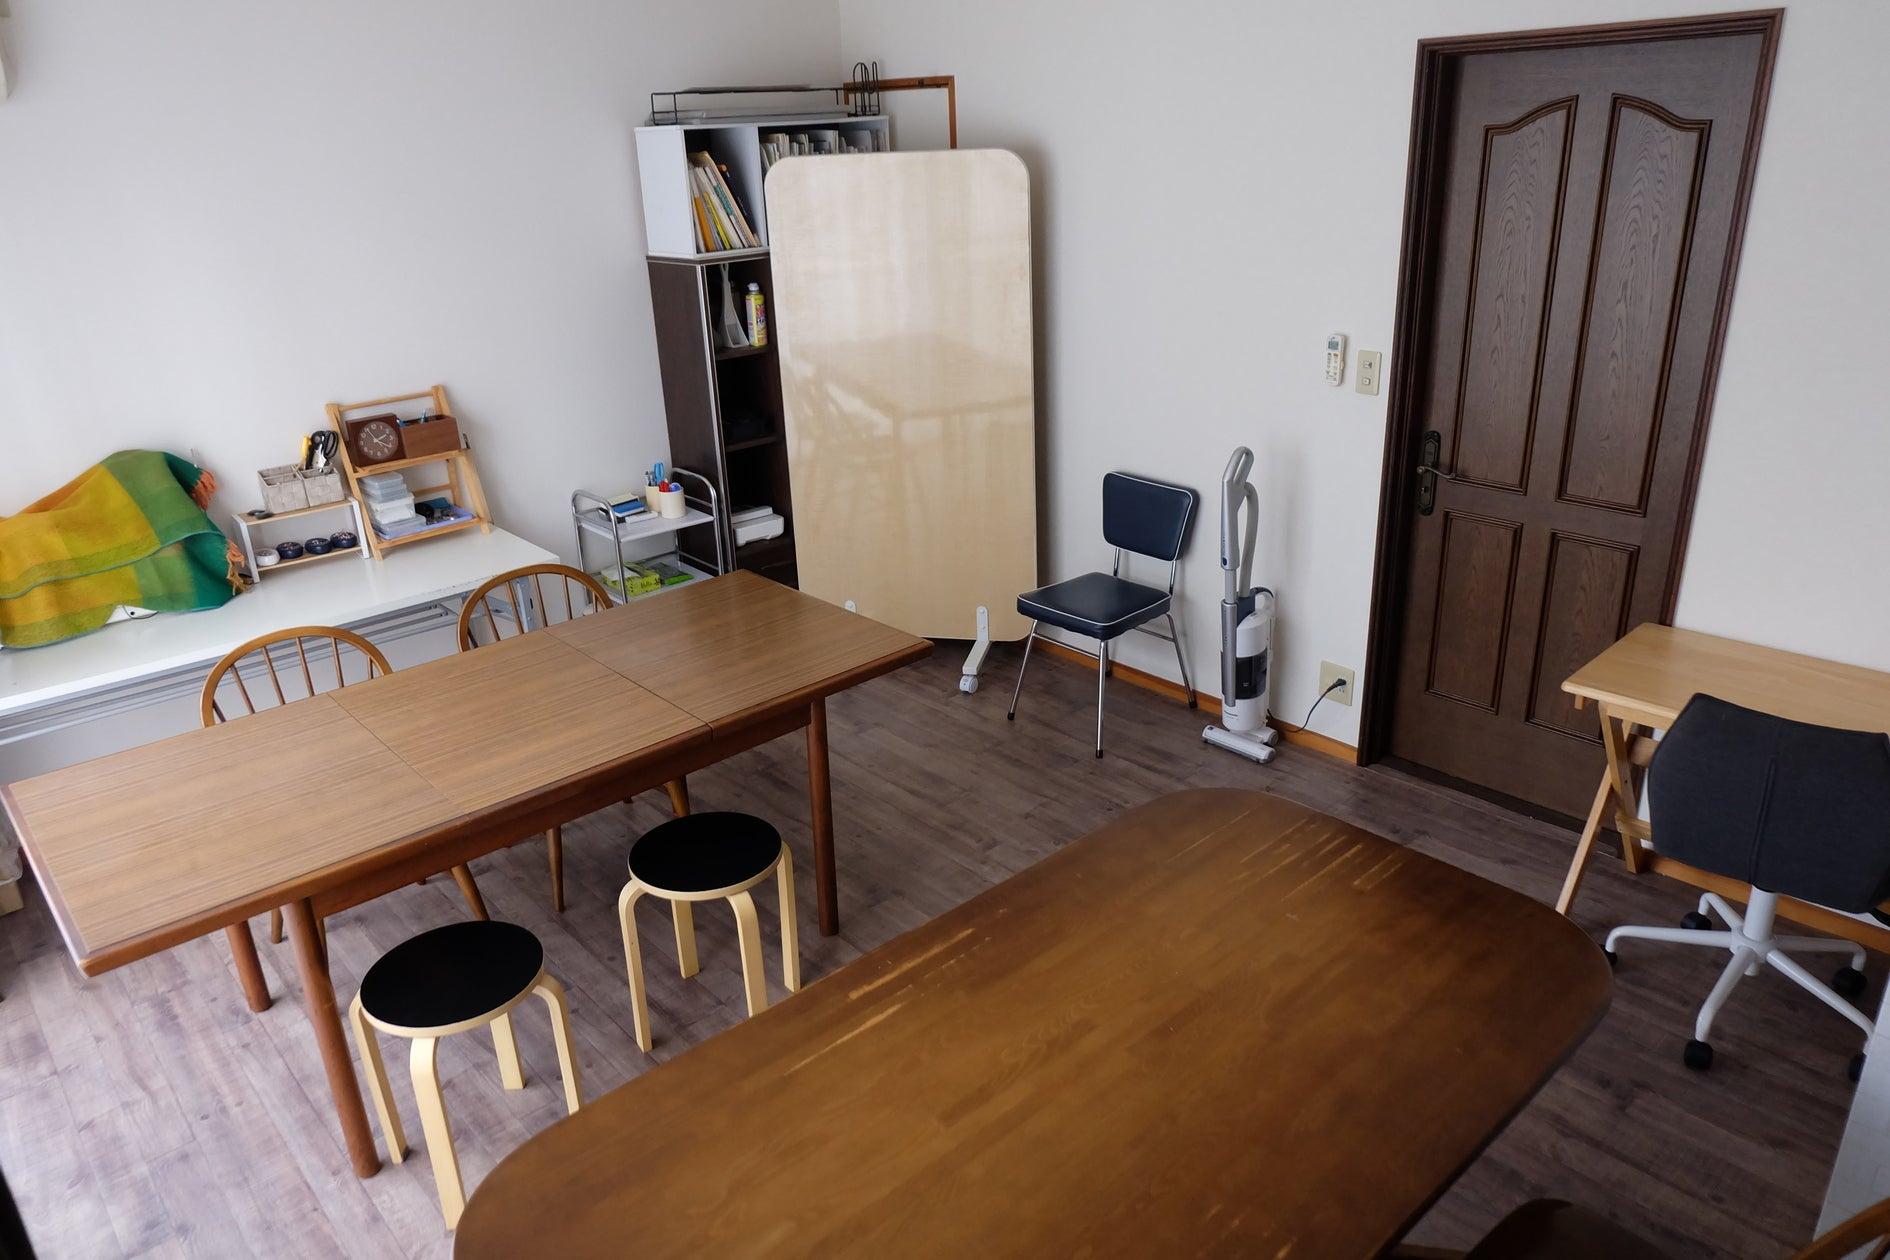 創作室(8畳)ハンドメイドやセッションにどうぞ♪(CREATORS VILLAGE HIROSHIMA(クリエイターズビレッジヒロシマ)) の写真0